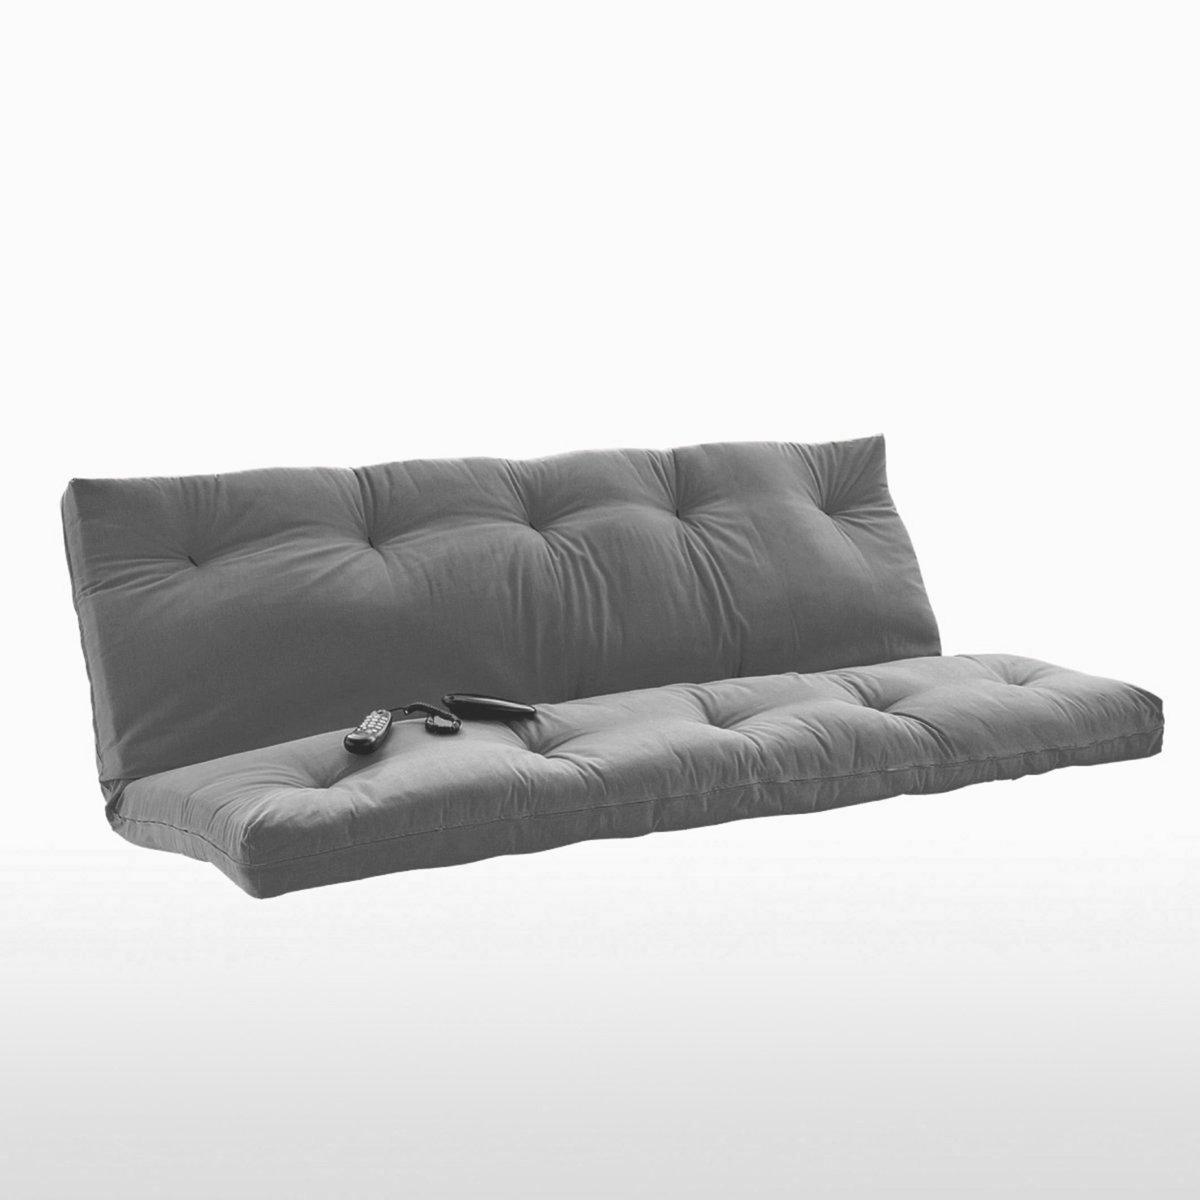 Матрас-футон LaRedoute La Redoute 140 x 190 см серый кровать la redoute детская с покрытием дубовым шпоном drakar 70 x 140 см каштановый